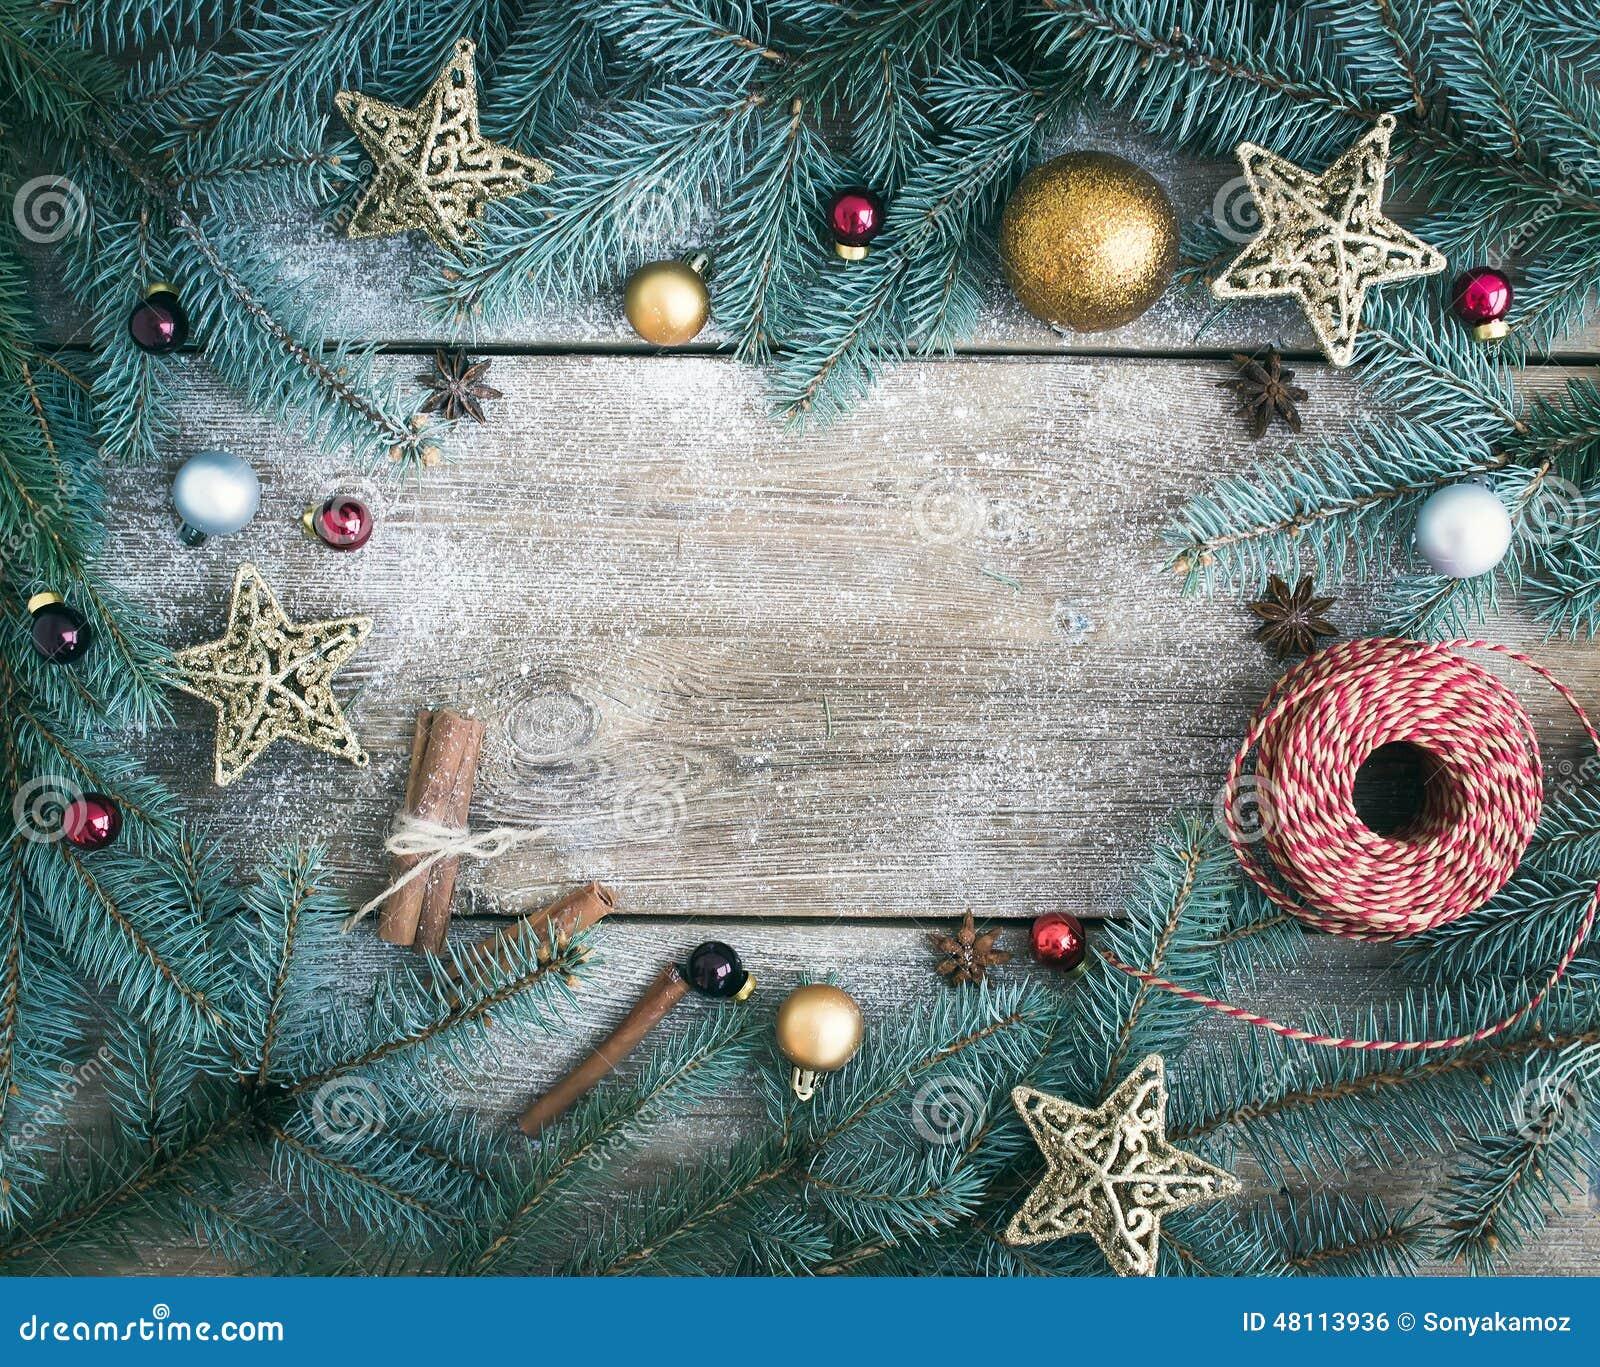 Citaten Kerstmis Nieuwjaar : Van de kerstmis nieuwjaar decoratie achtergrond bont